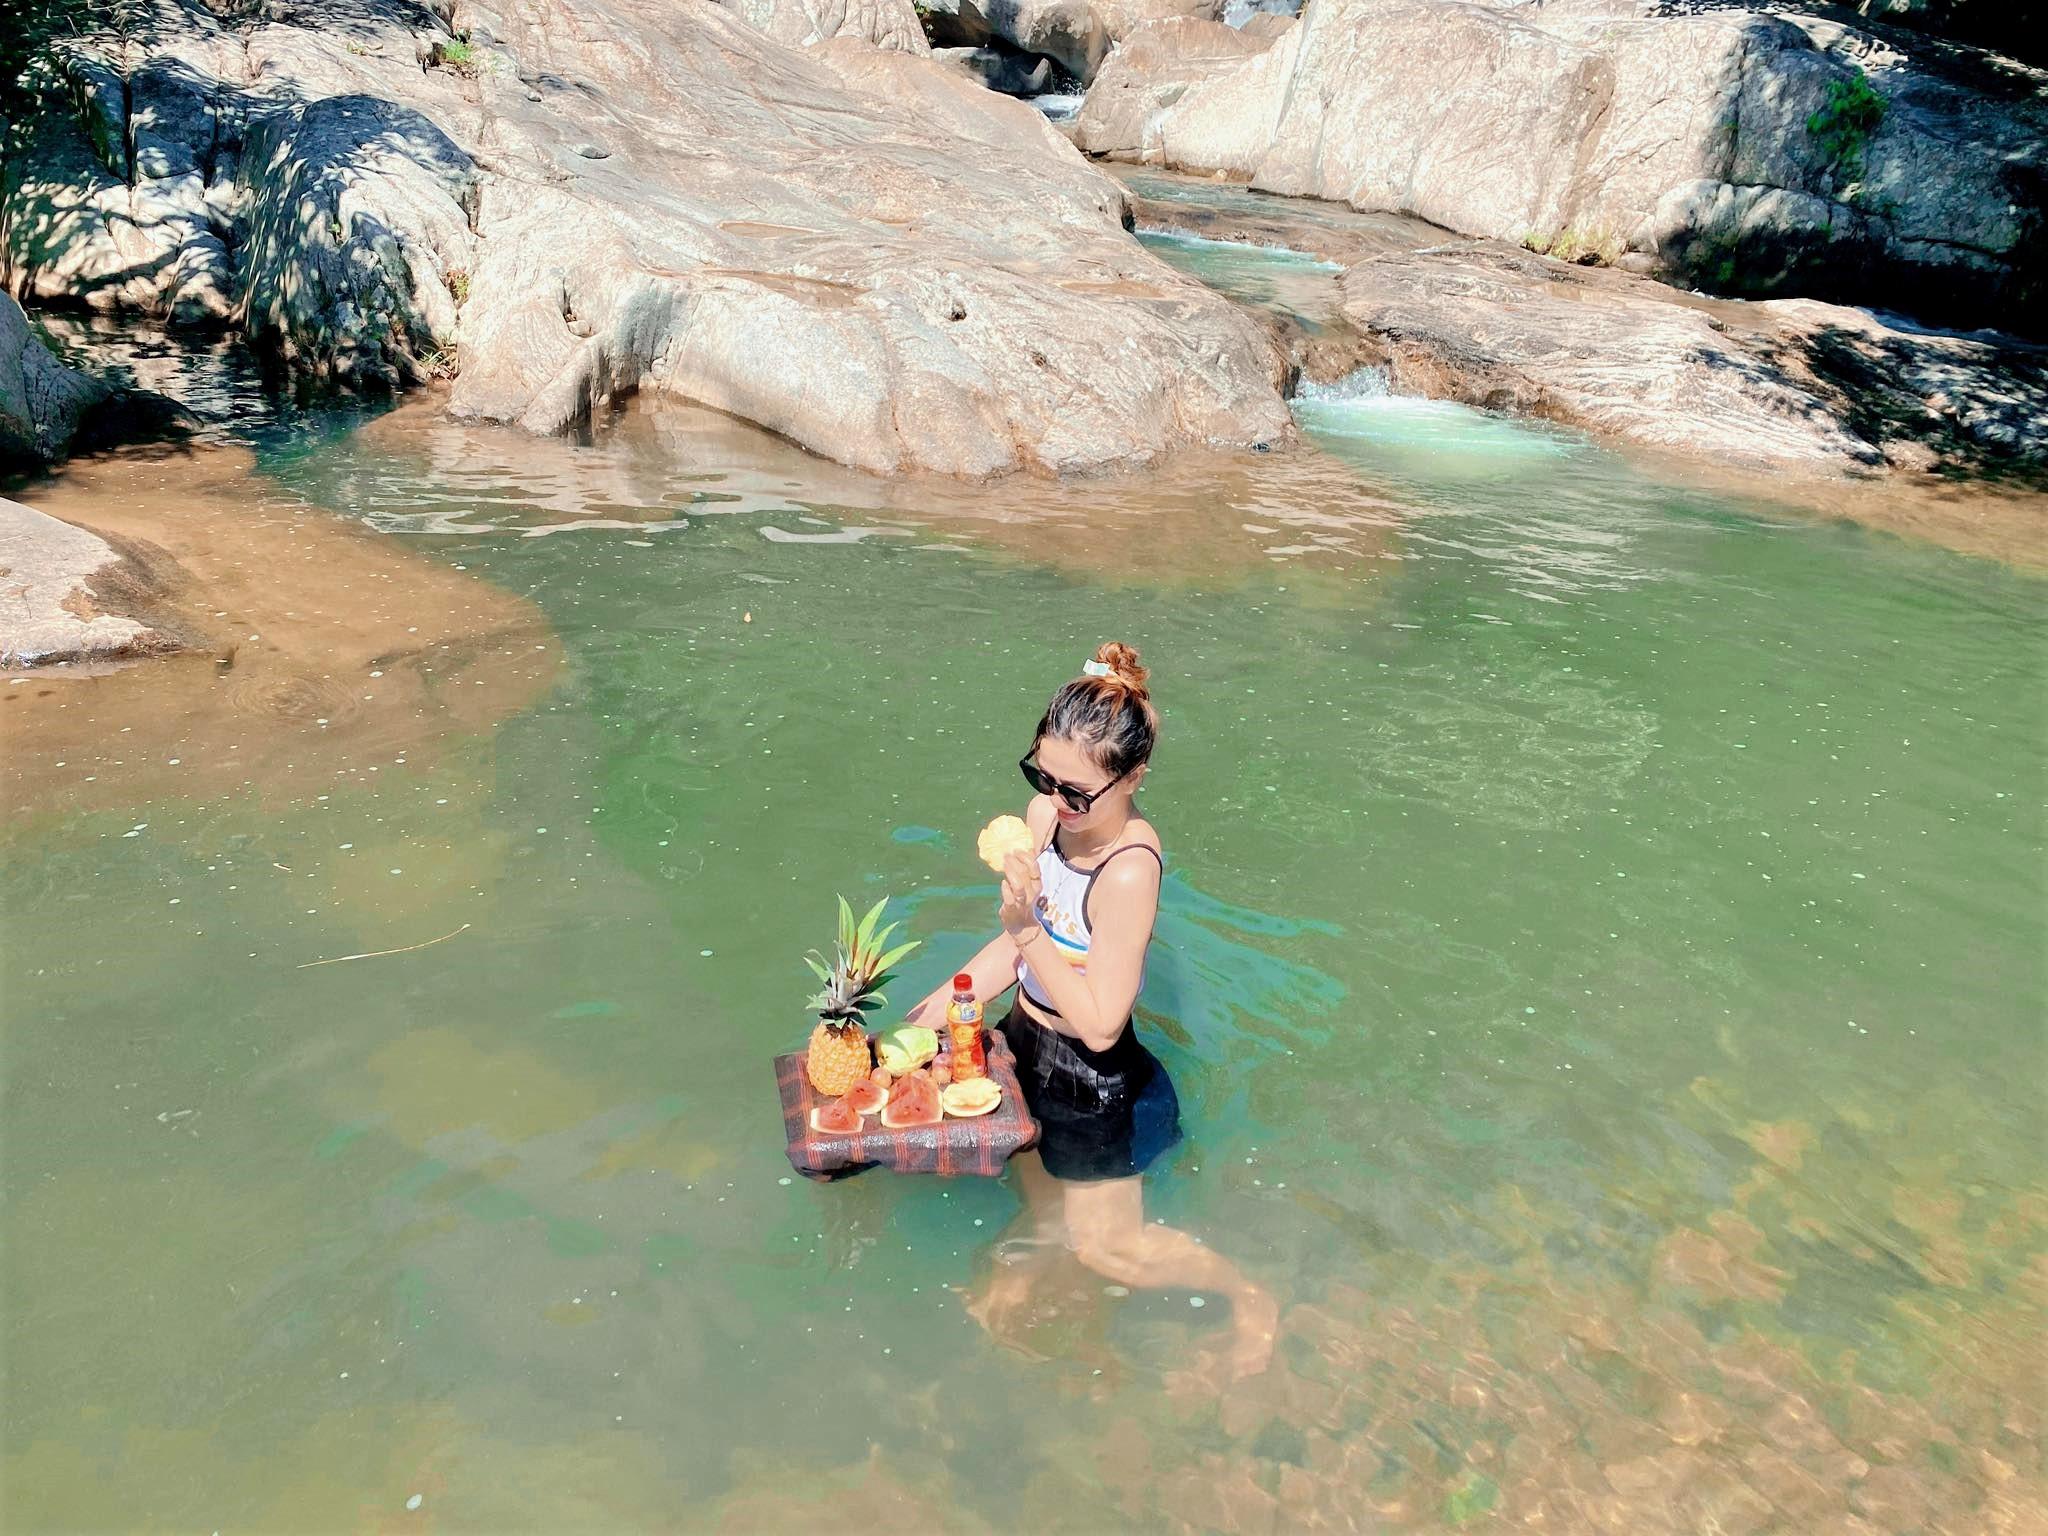 Hồ nước đọng ở thác tạo thành các bể bơi tự nhiên trong lành, mát rượi. Ảnh: Lê Minh Nguyệt